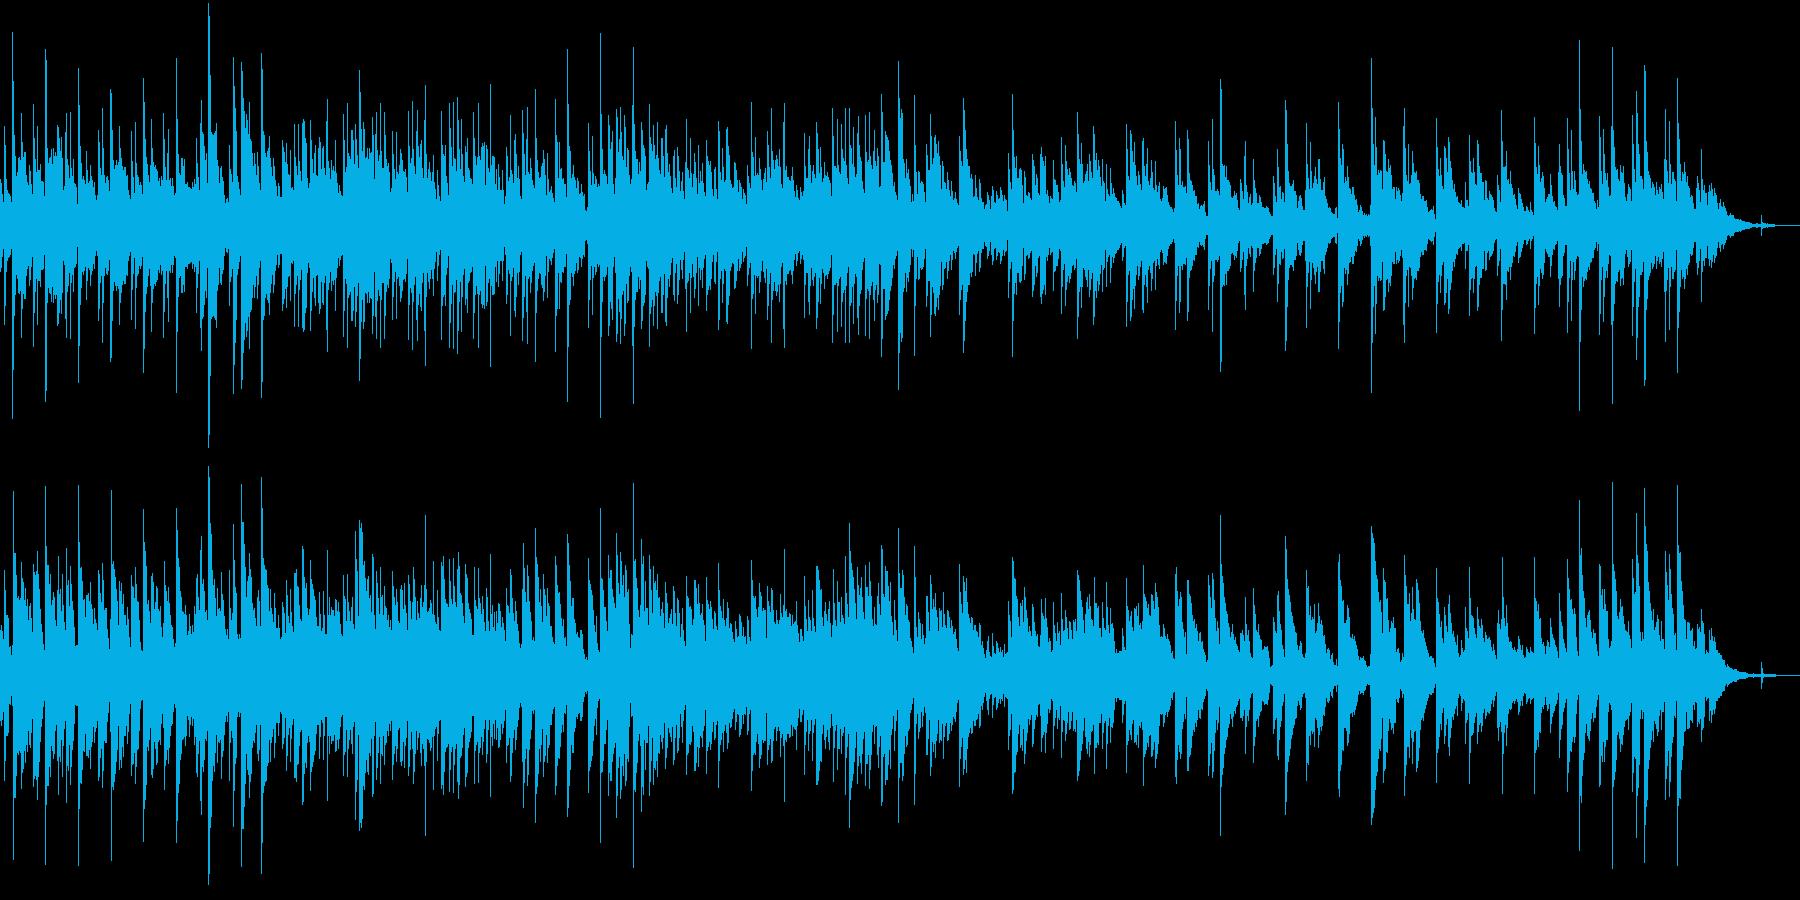 ゆったりと落ち着いたアコギ曲の再生済みの波形